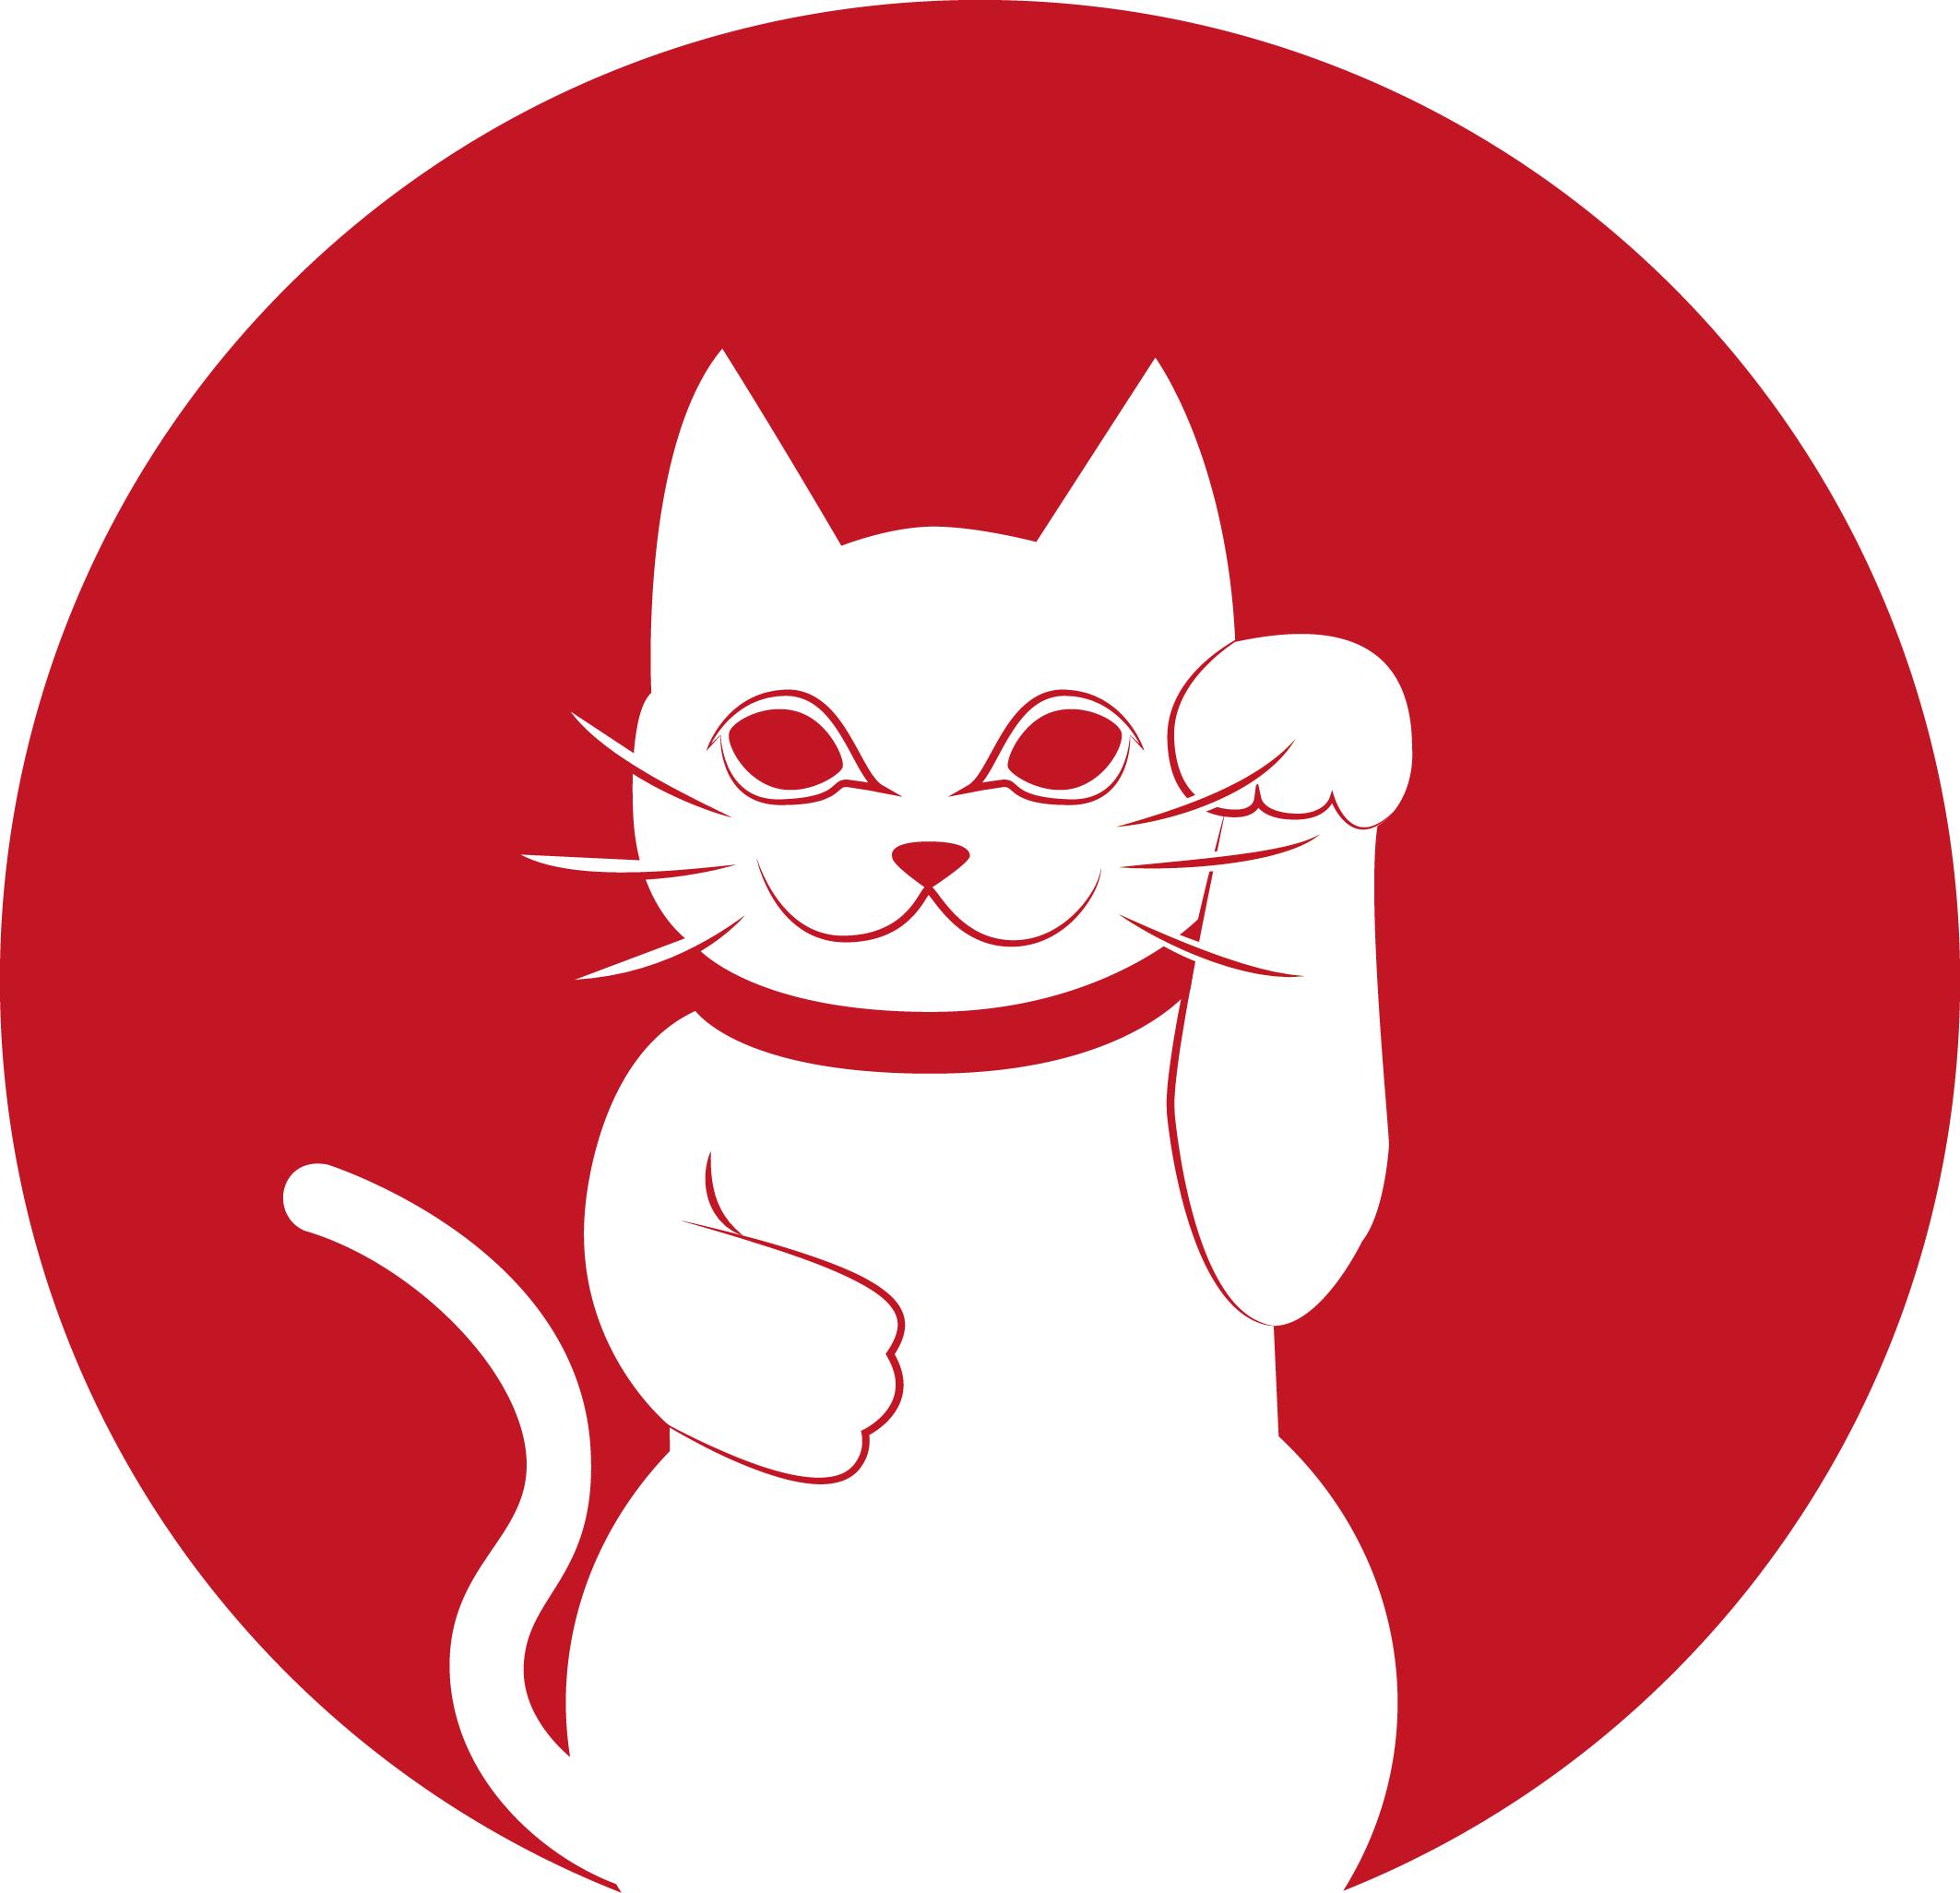 Japanese logo with a maneki neko by Andréa Maugars